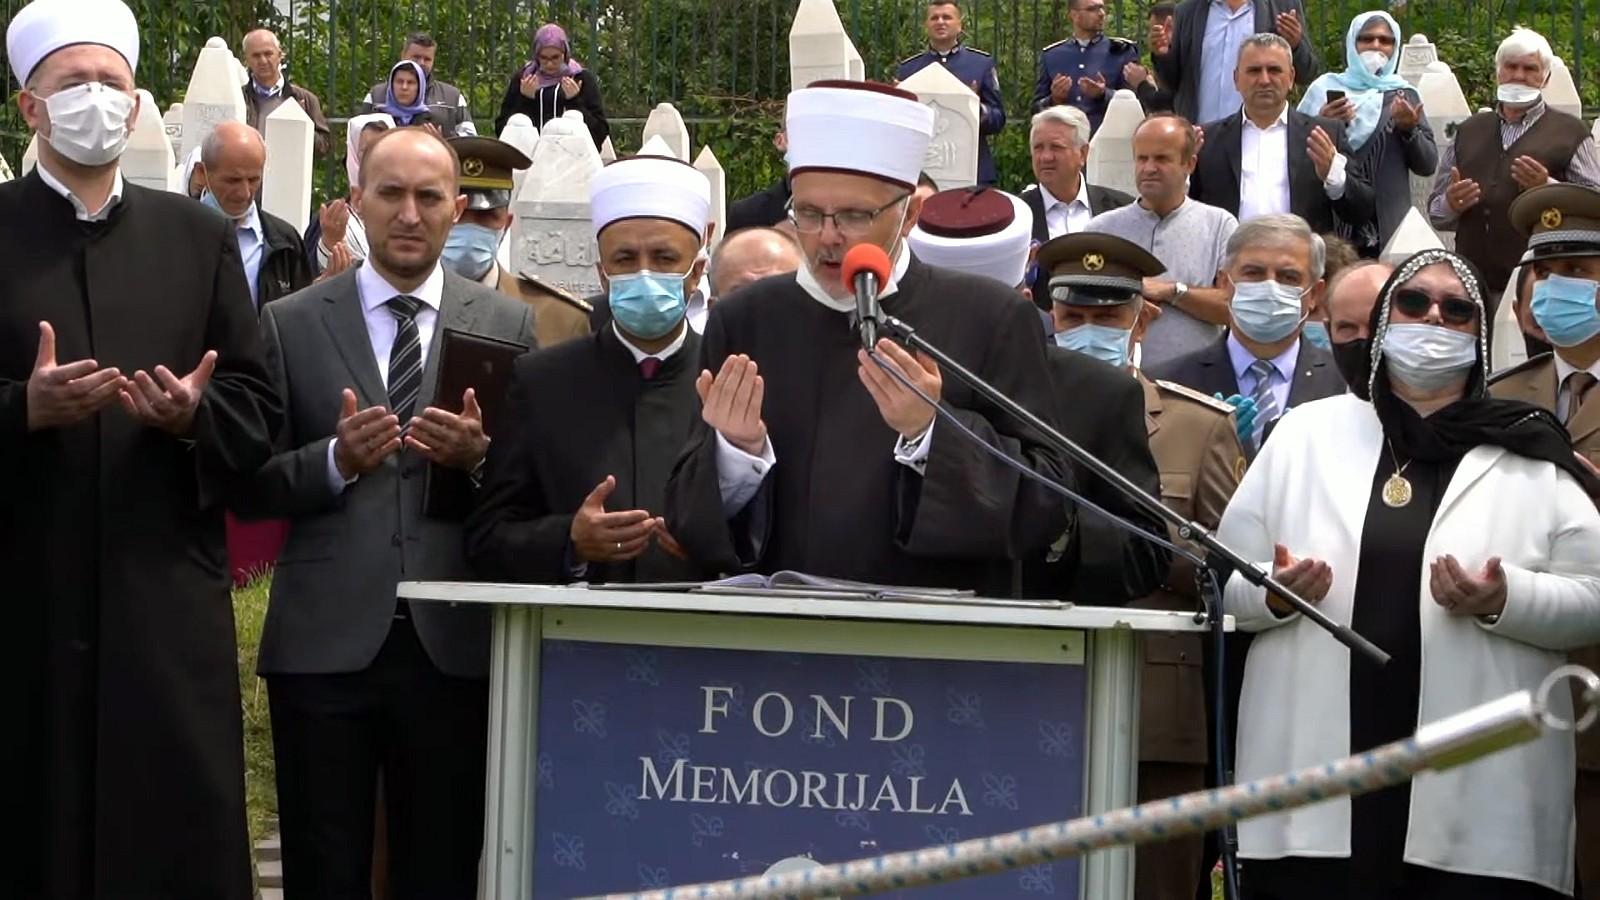 Centralni program i poklanjanje hatma dove u povodu Dana šehida održan na Šehidskom mezarju Kovači u Sarajevu